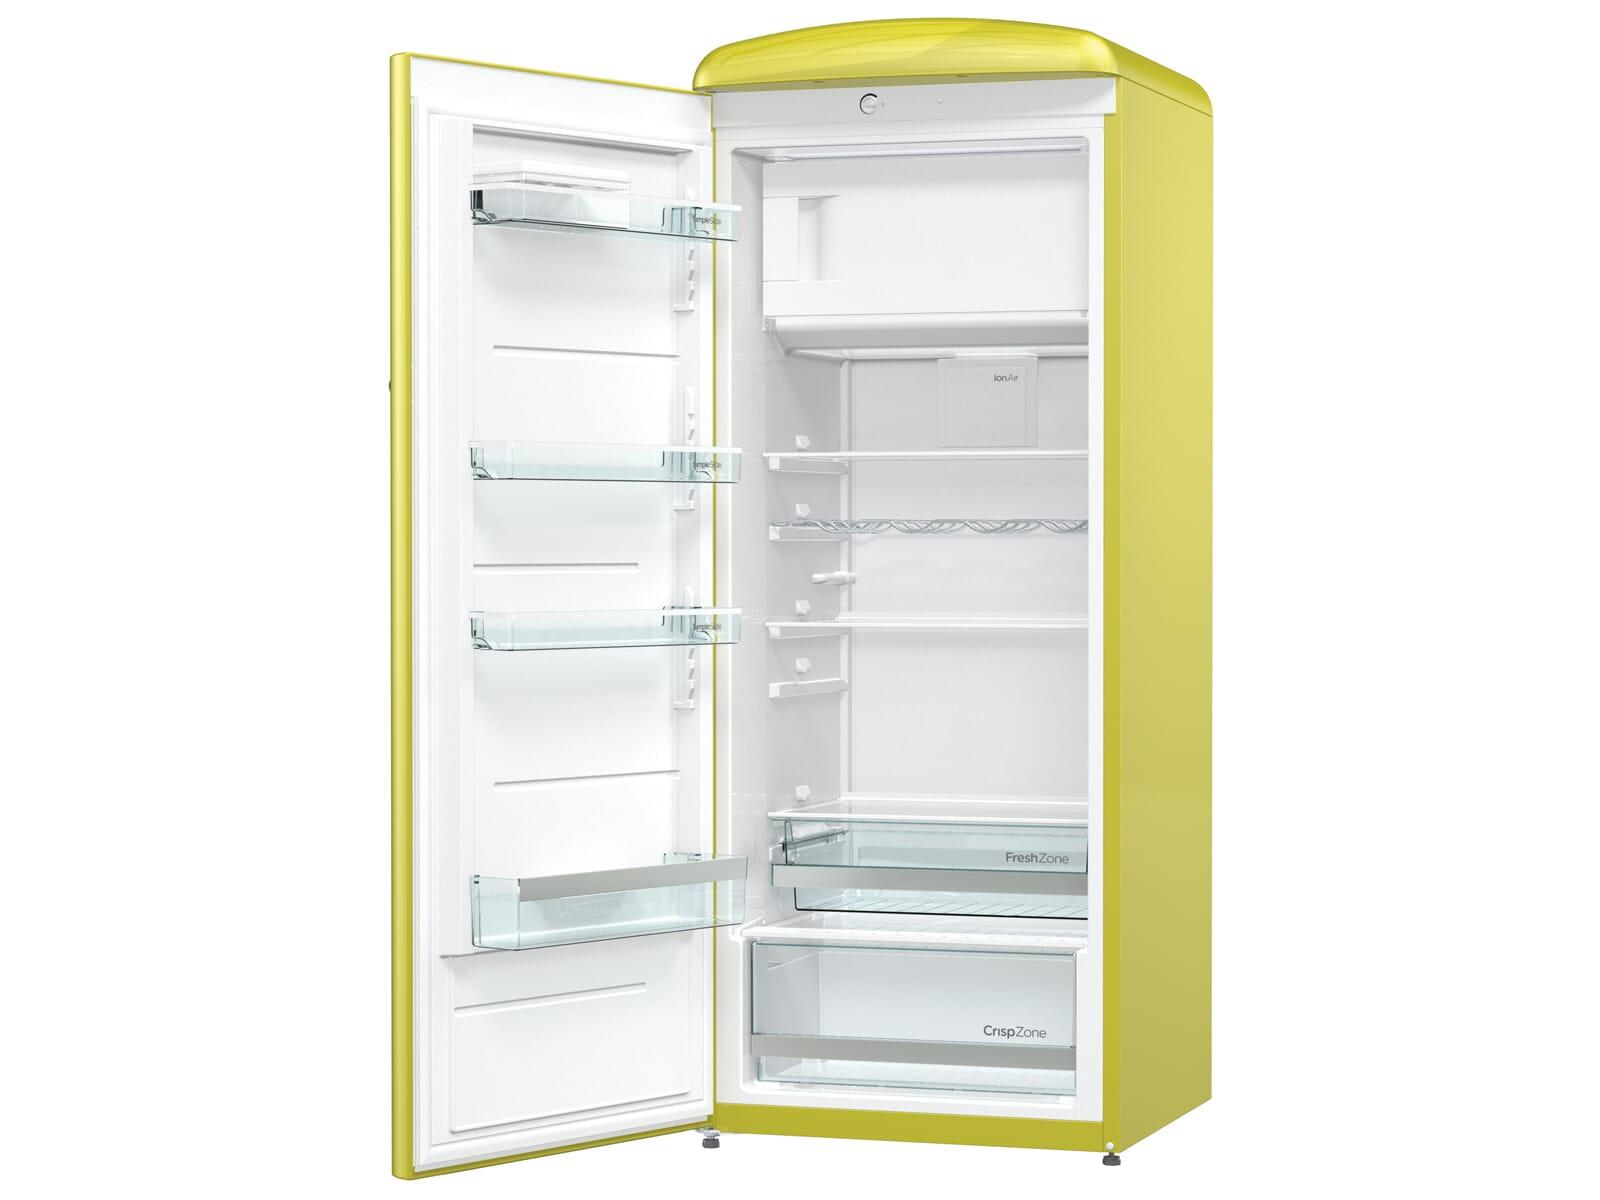 Gorenje Kühlschrank Retro Bedienungsanleitung : Gorenje kühlschrank retro gebrauchsanweisung: gorenje rk 60319 oco